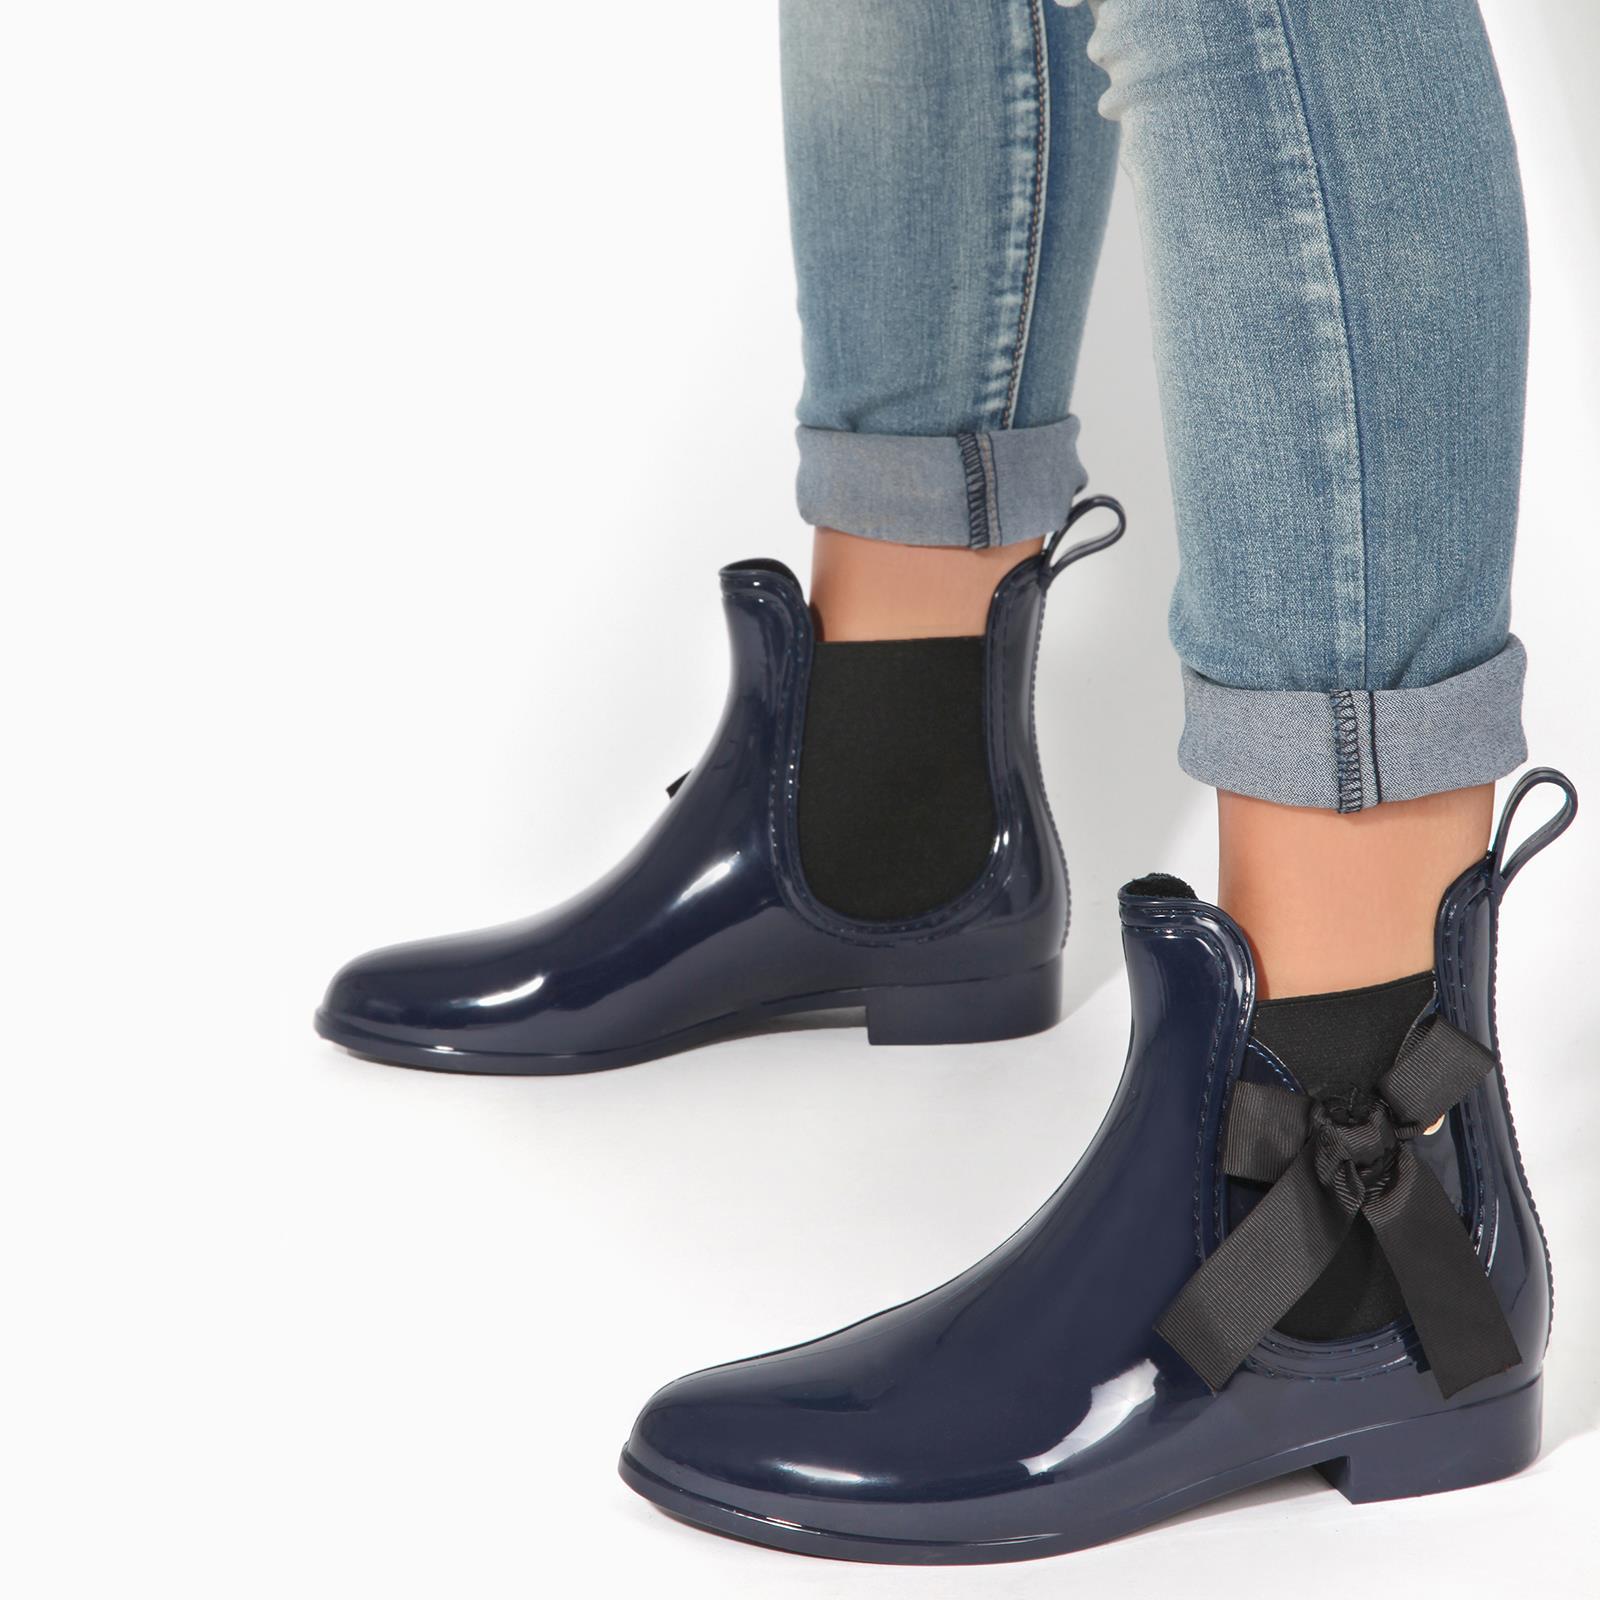 Botas-Agua-Mujer-Barata-Original-Botines-Moda-Comodas-Calzado-Elastico-Juveniles miniatura 6